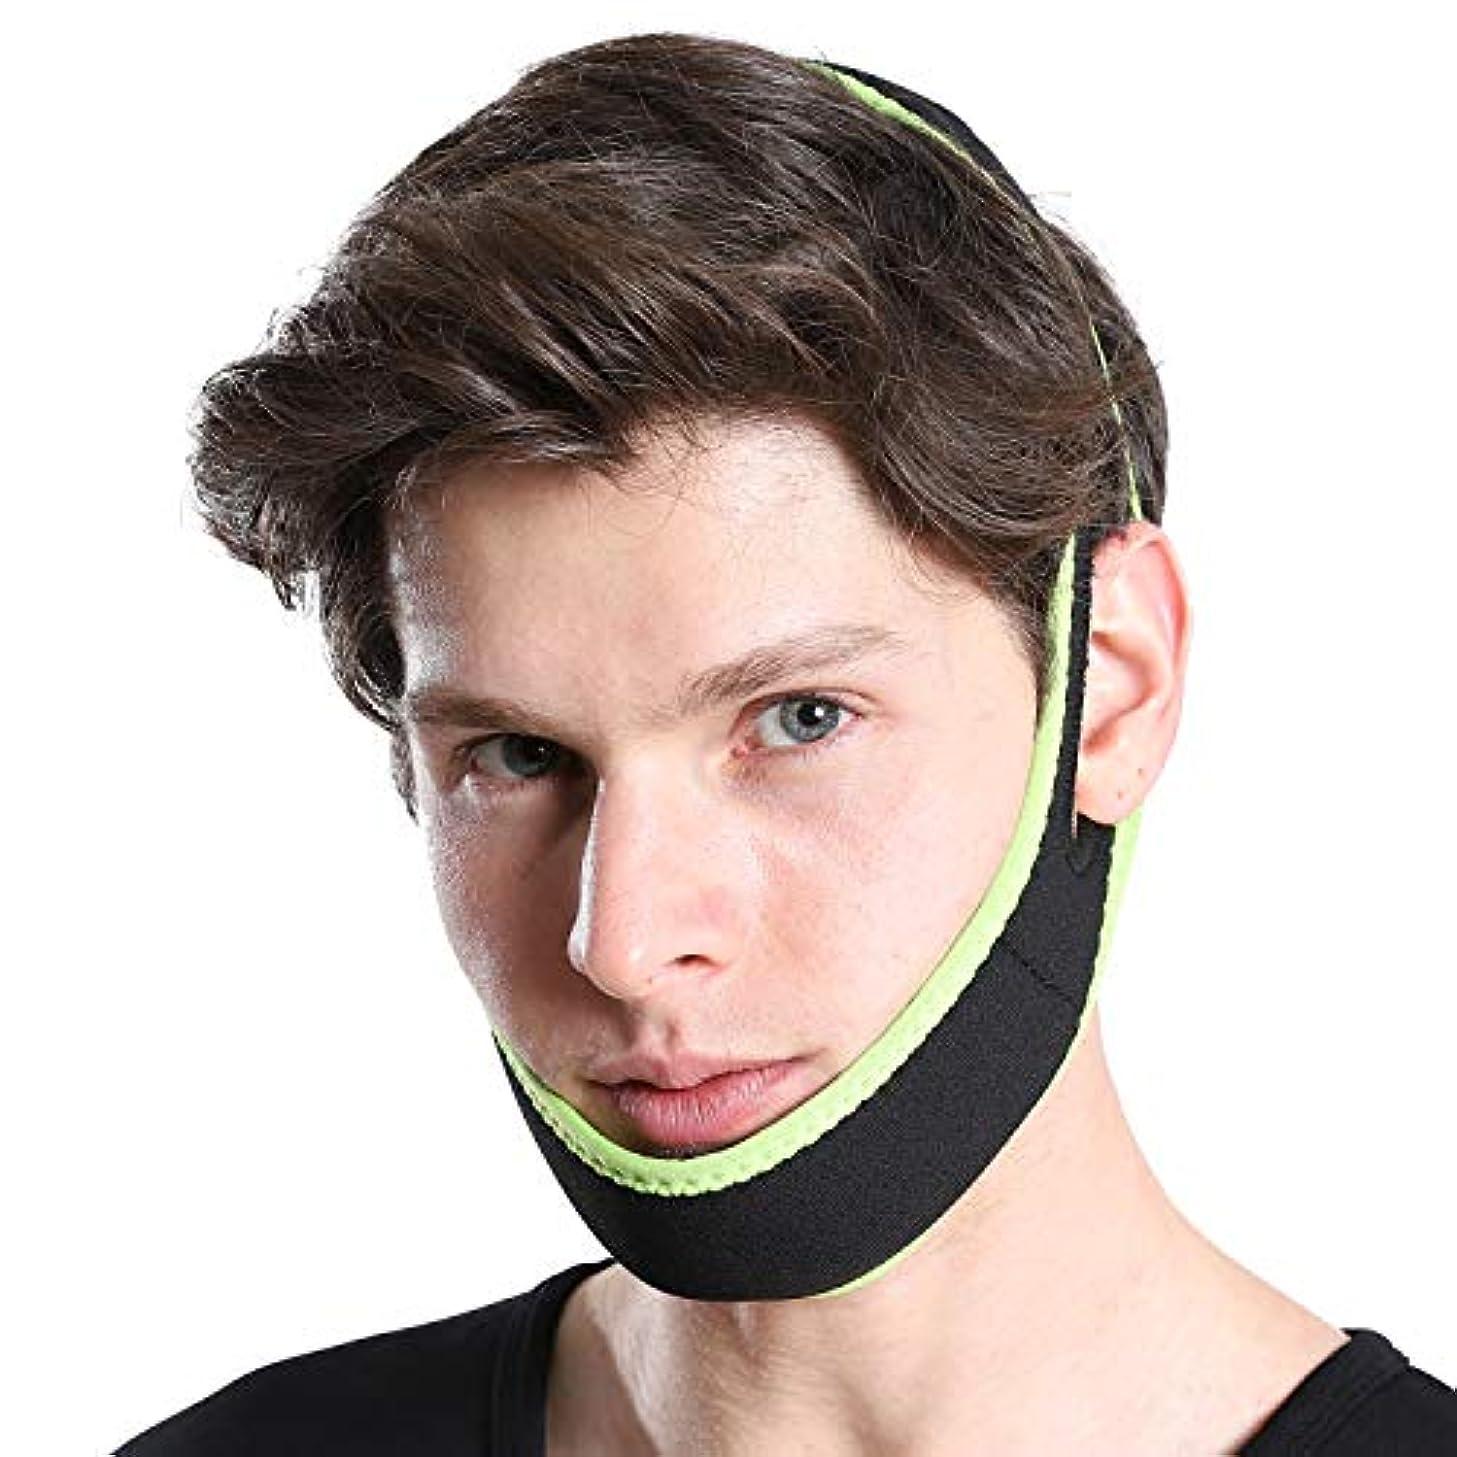 彫る減る悪性ELPIRKA 小顔マスク メンズ ゲルマニウムチタン 配合で 顔痩せ 小顔 リフトアップ!